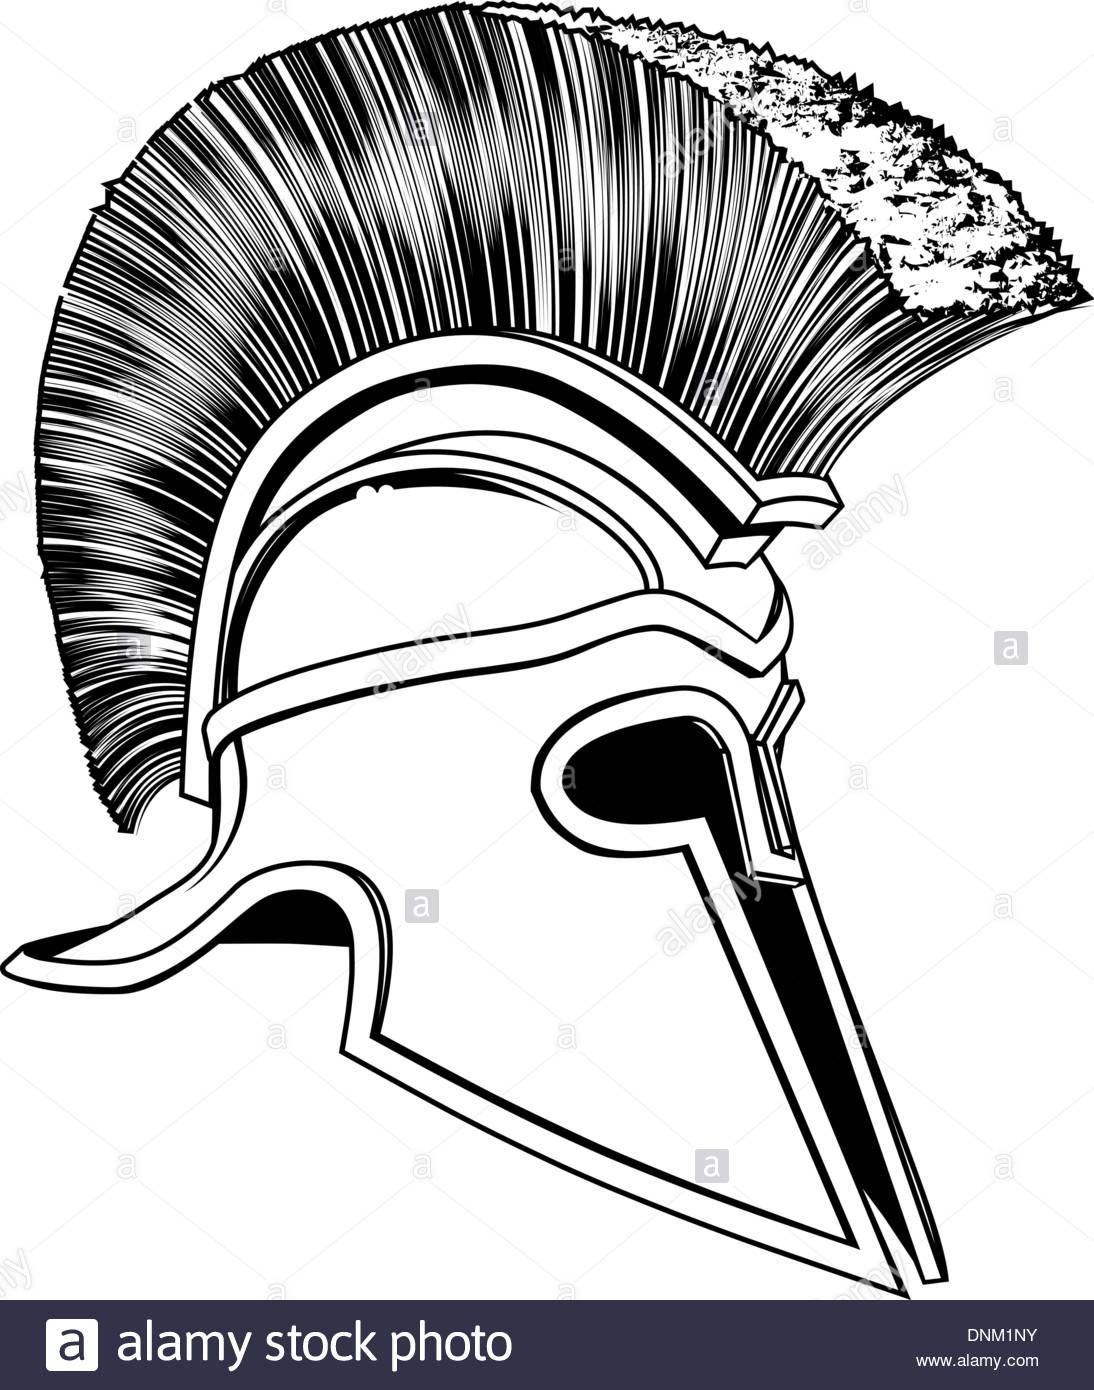 1094x1390 Graphic Of A Bronze Trojan Helmet, Spartan Helmet, Roman Helmet